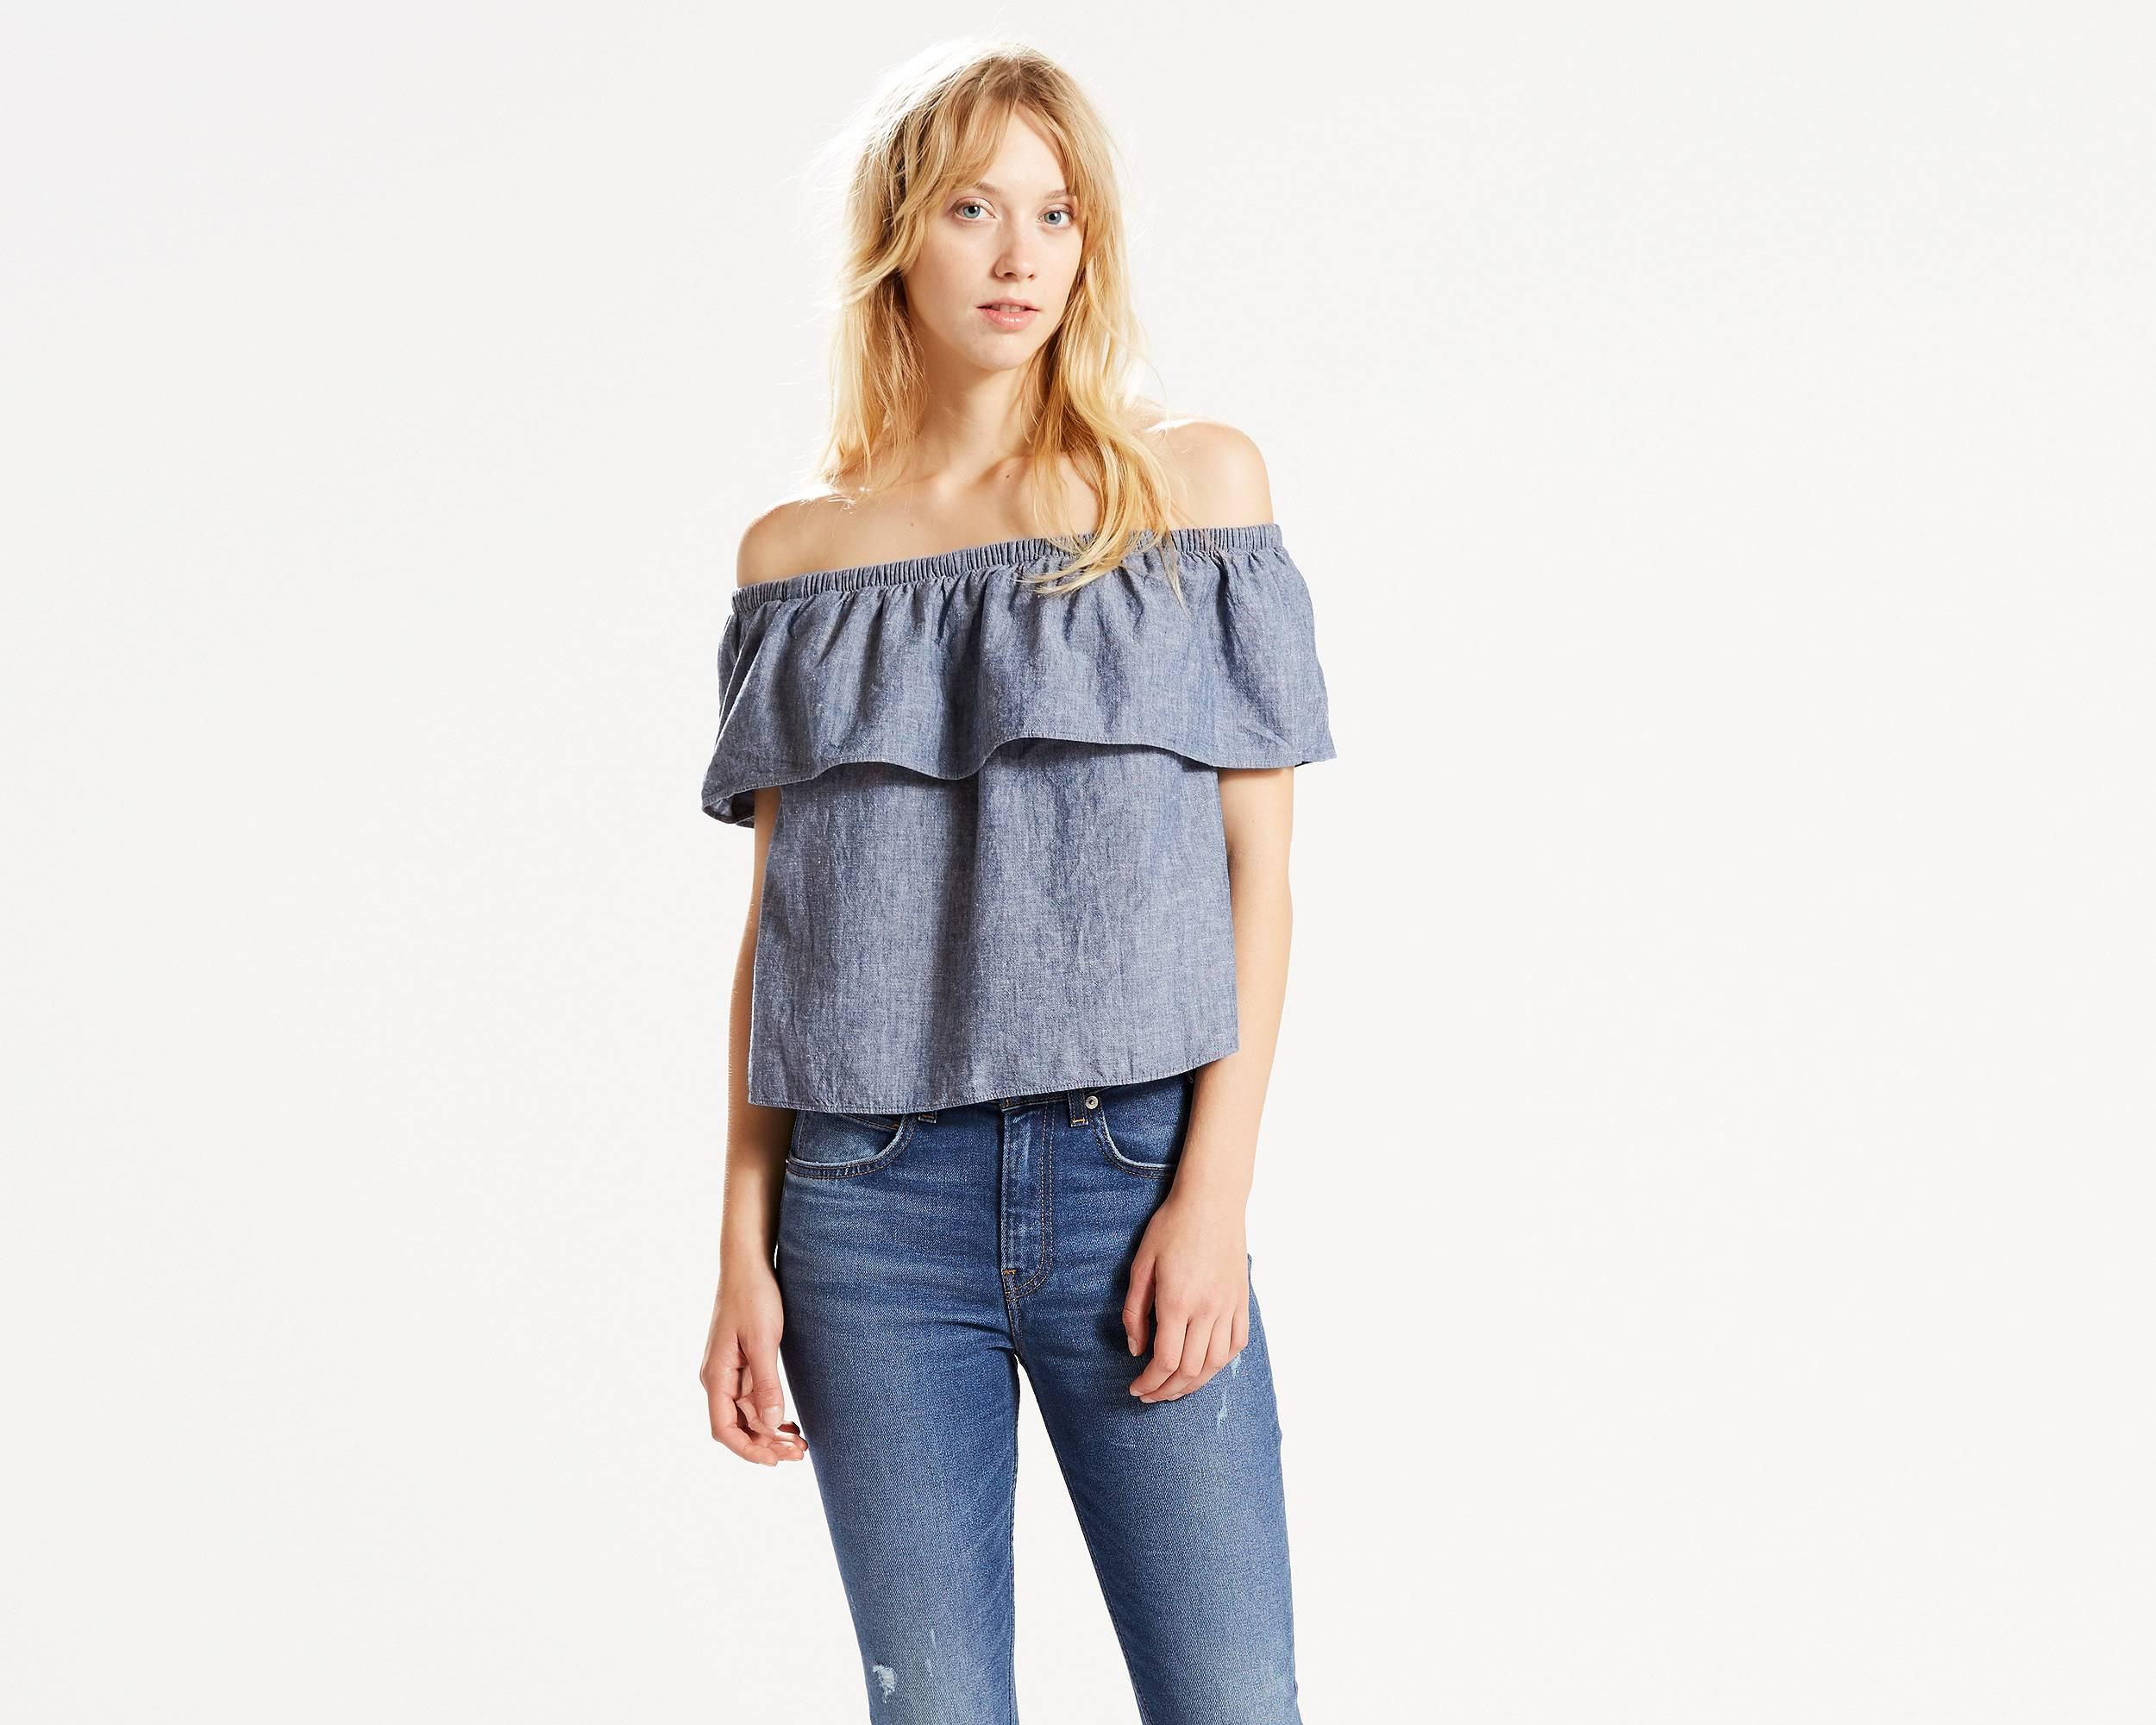 Women's Clothes - Shop Casual Clothes for Women | Levi's®